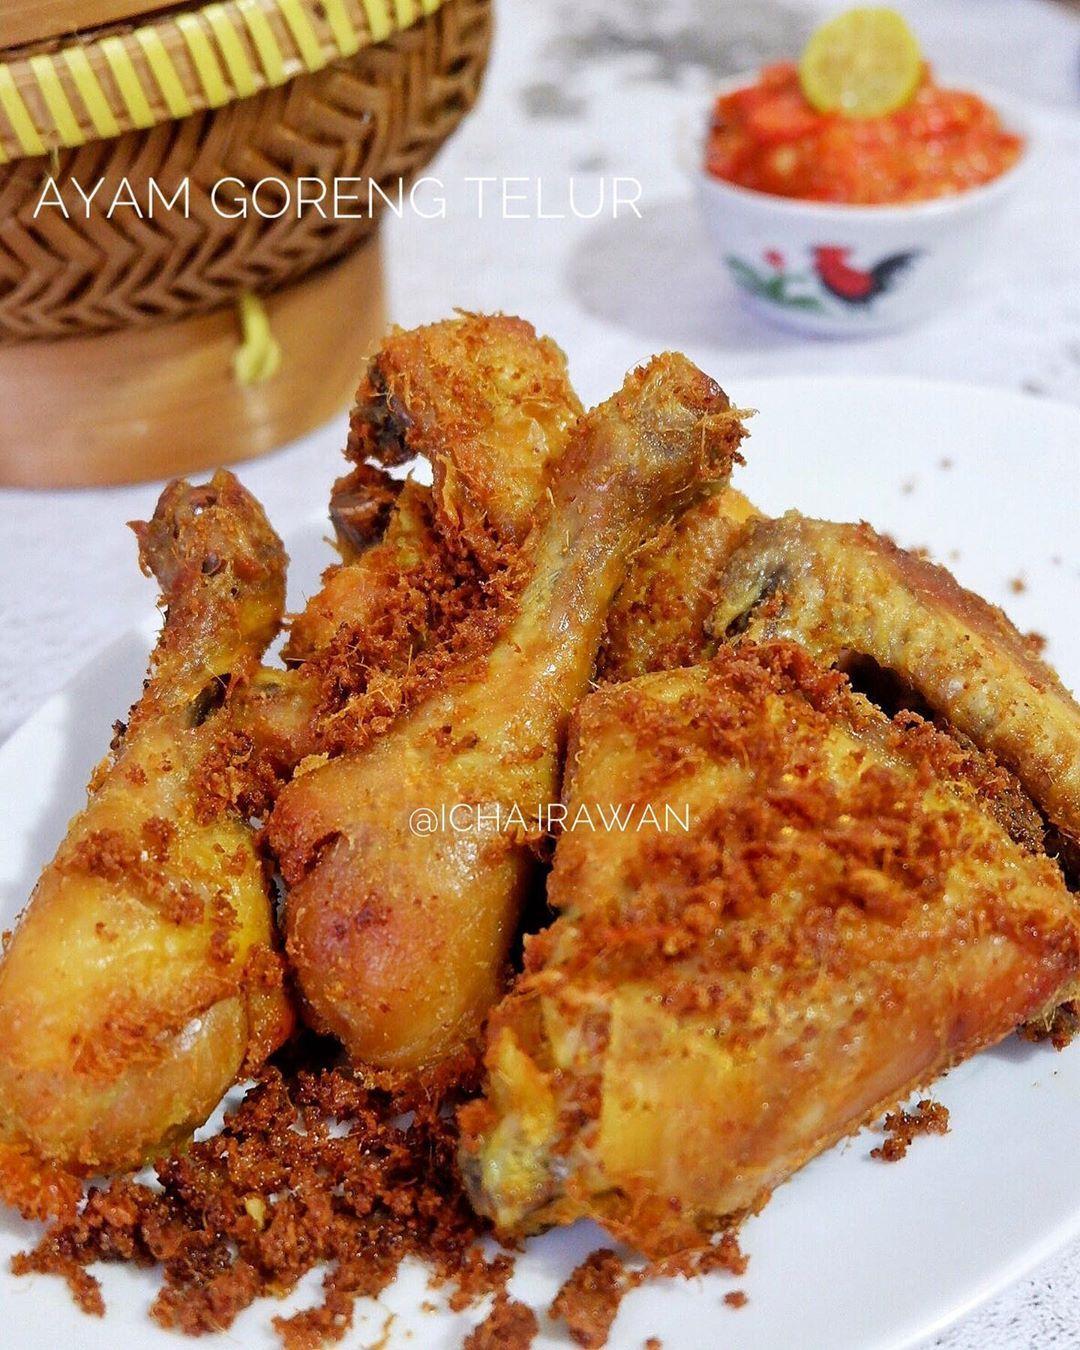 Icha Irawan Di Instagram Bismillah Nahh Ini Dia Resepnya Moms Si Ayam Goreng Telur Yg Menjadi Favourit Dikeluarga Kami Resep Turun Ayam Goreng Resep Ayam